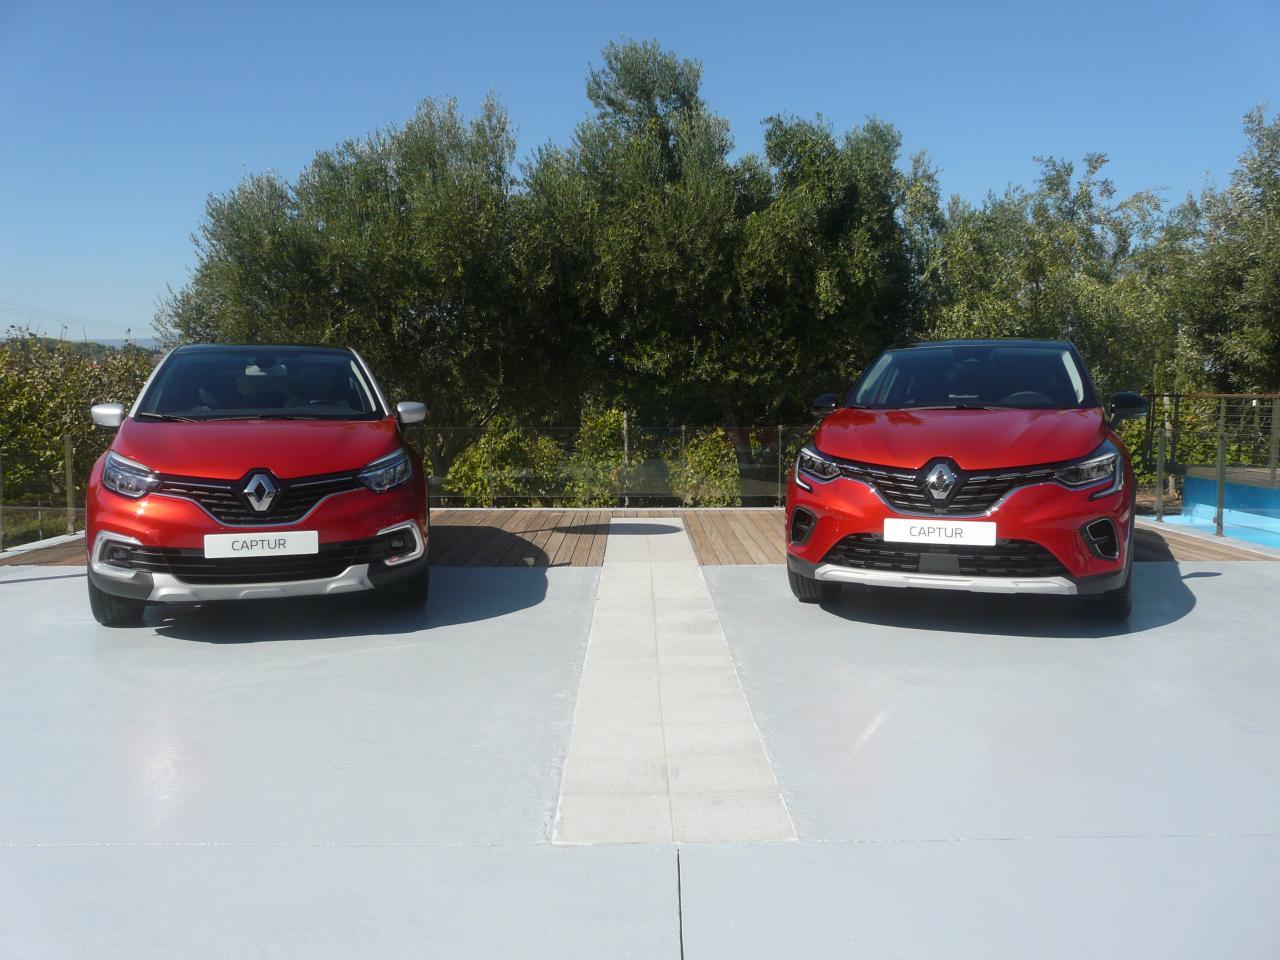 2019 - [Renault]  Captur II [HJB]  Hd-renault-captur-ii---toutes-les-photos-de-notre-essai-du-suv-citadin-fran%C3%A7ais